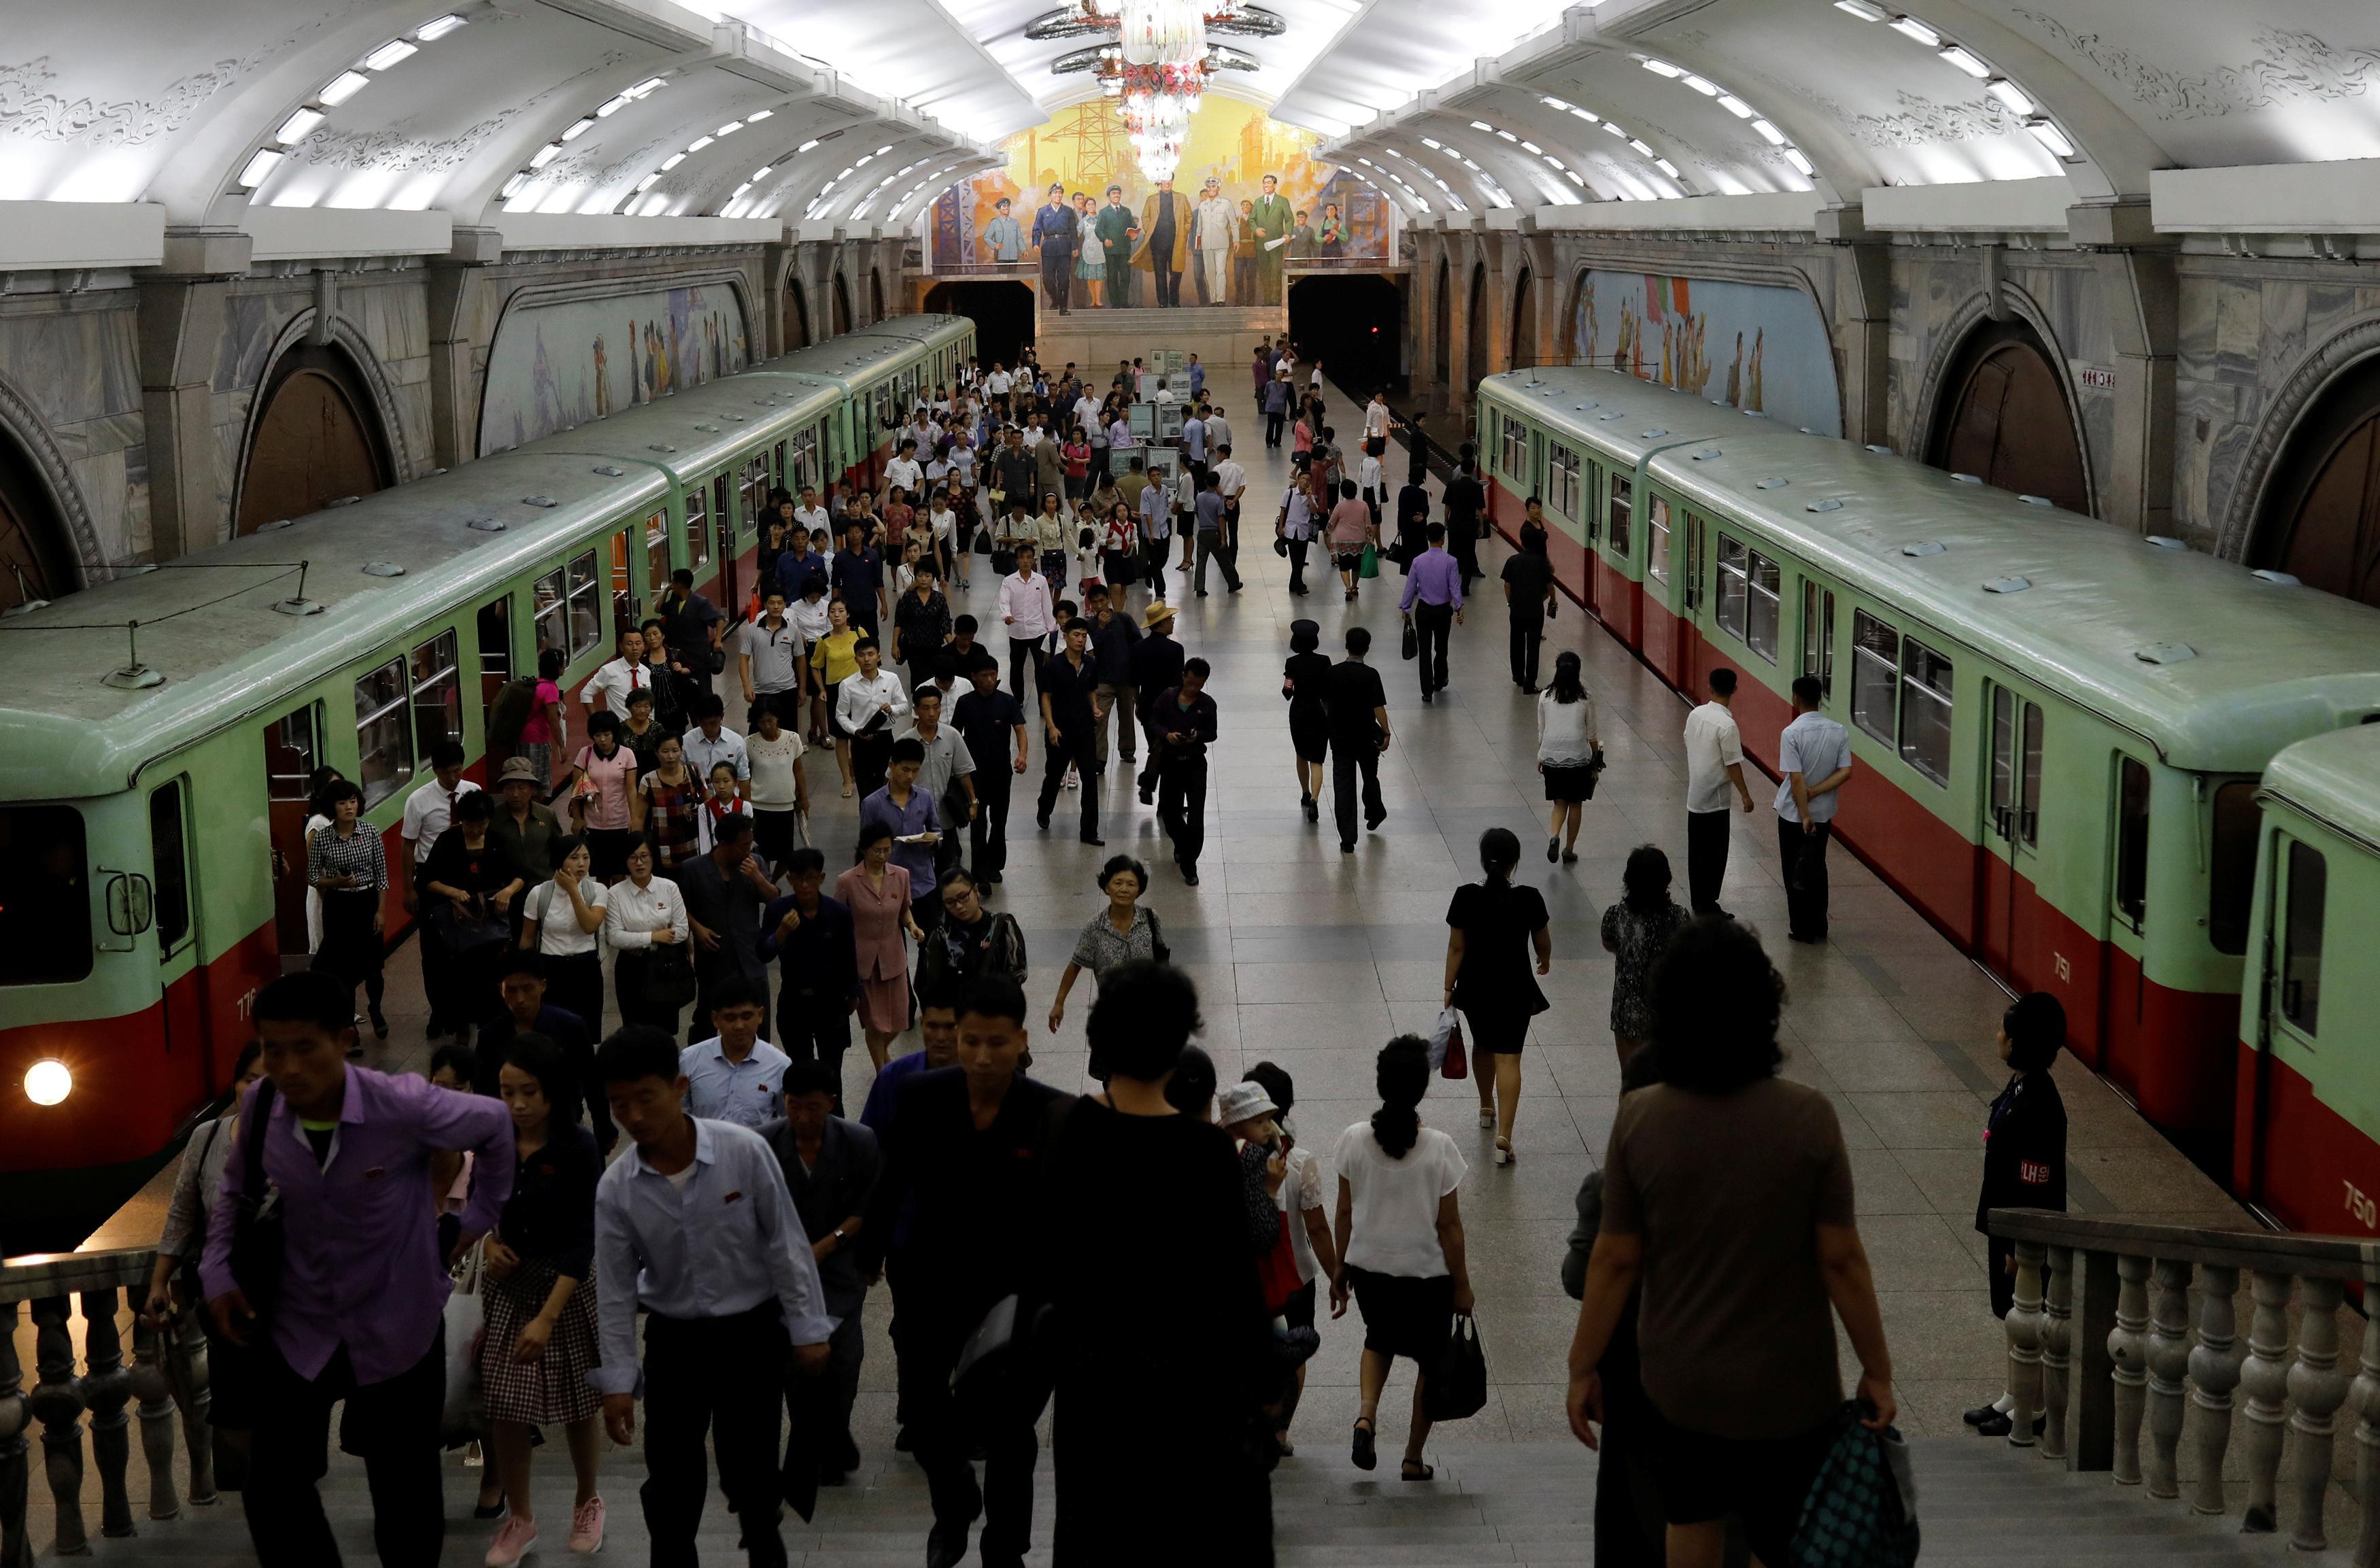 Estação de metro em Pyongyang, Coreia do Norte